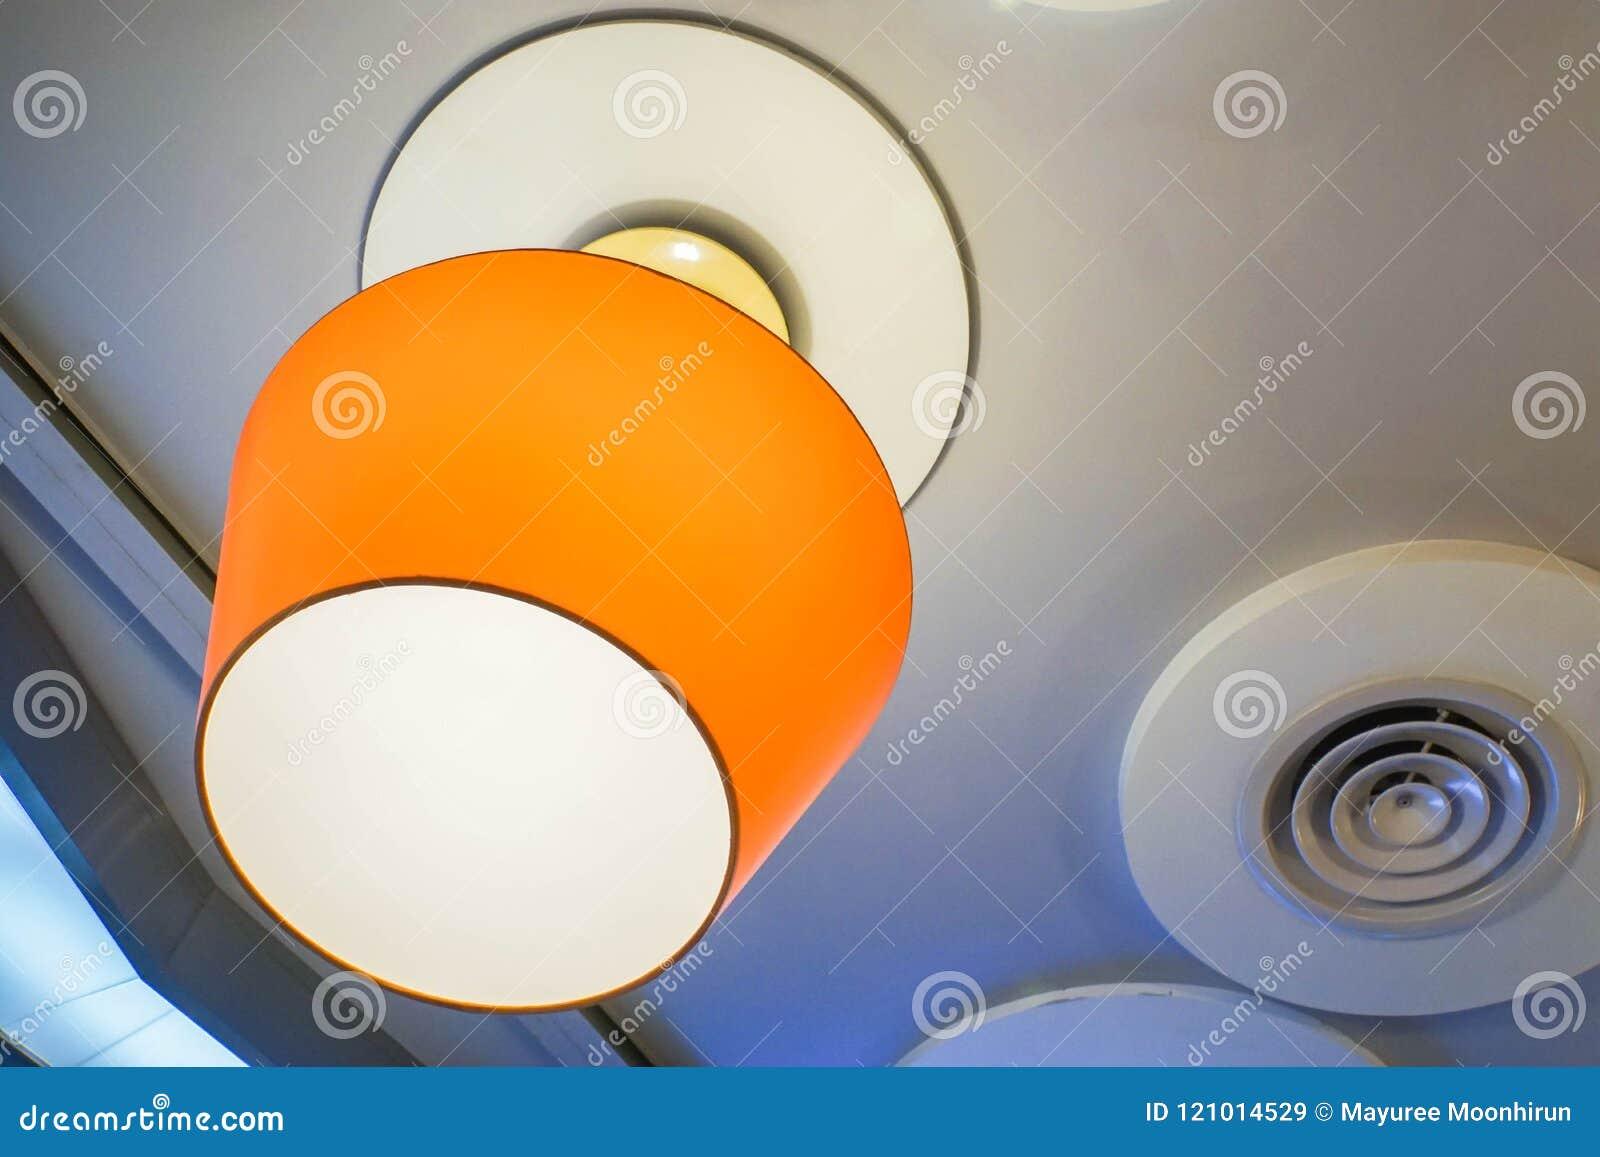 Tono Restaurante Del Techo Del Lámpara Naranja Colgante En OkXiZuP